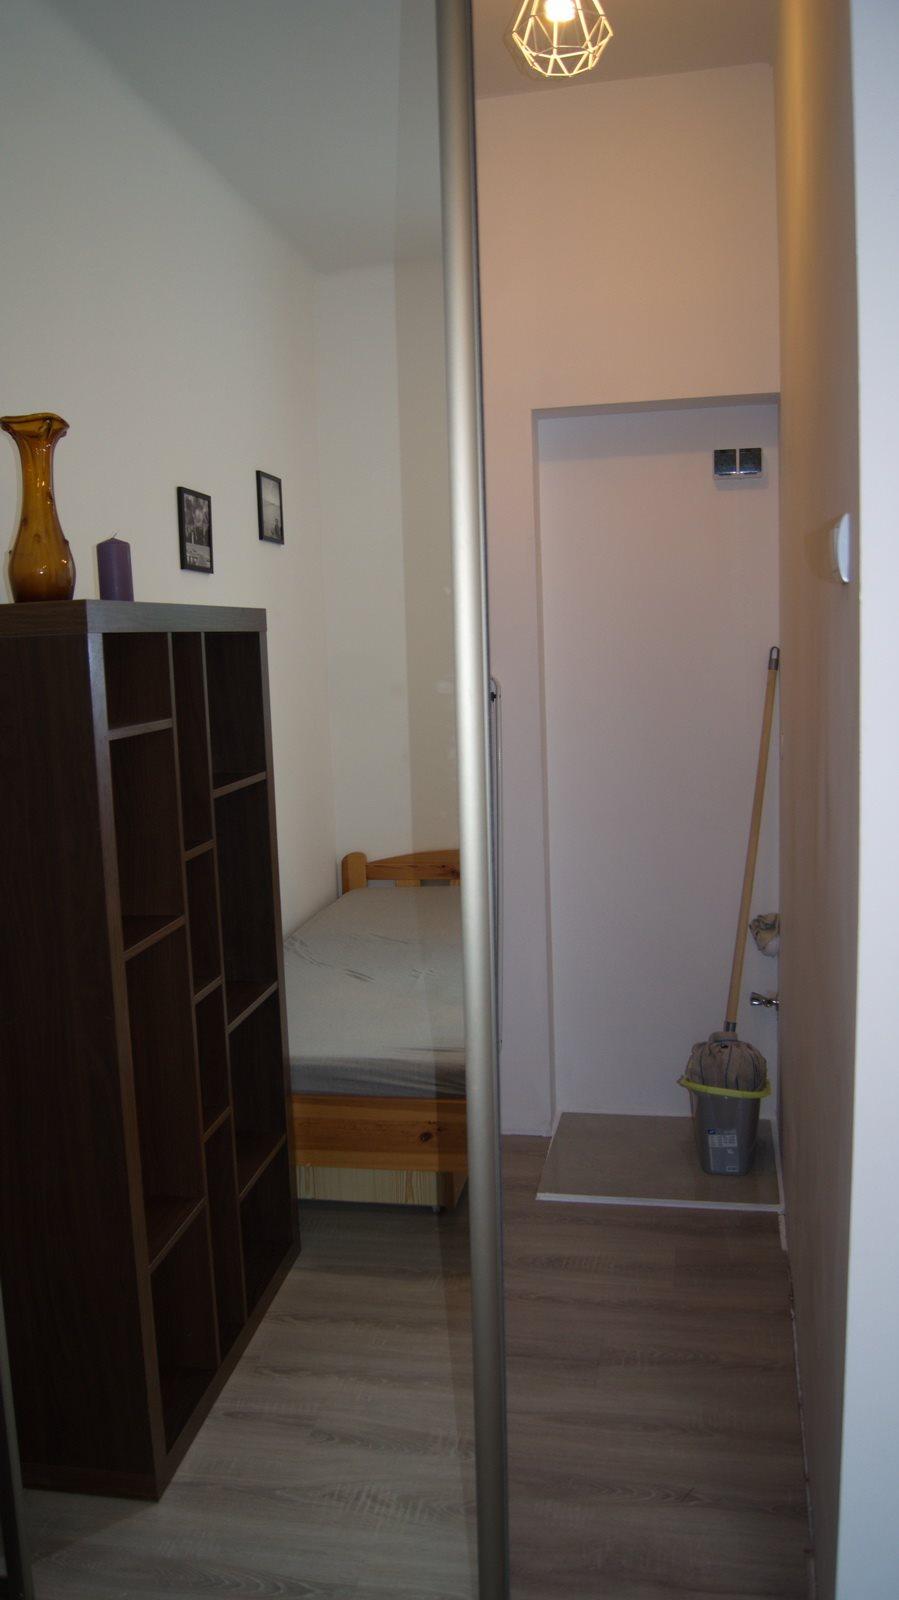 Mieszkanie dwupokojowe na wynajem Gdynia, CENTRUM, władysława IV  39m2 Foto 13